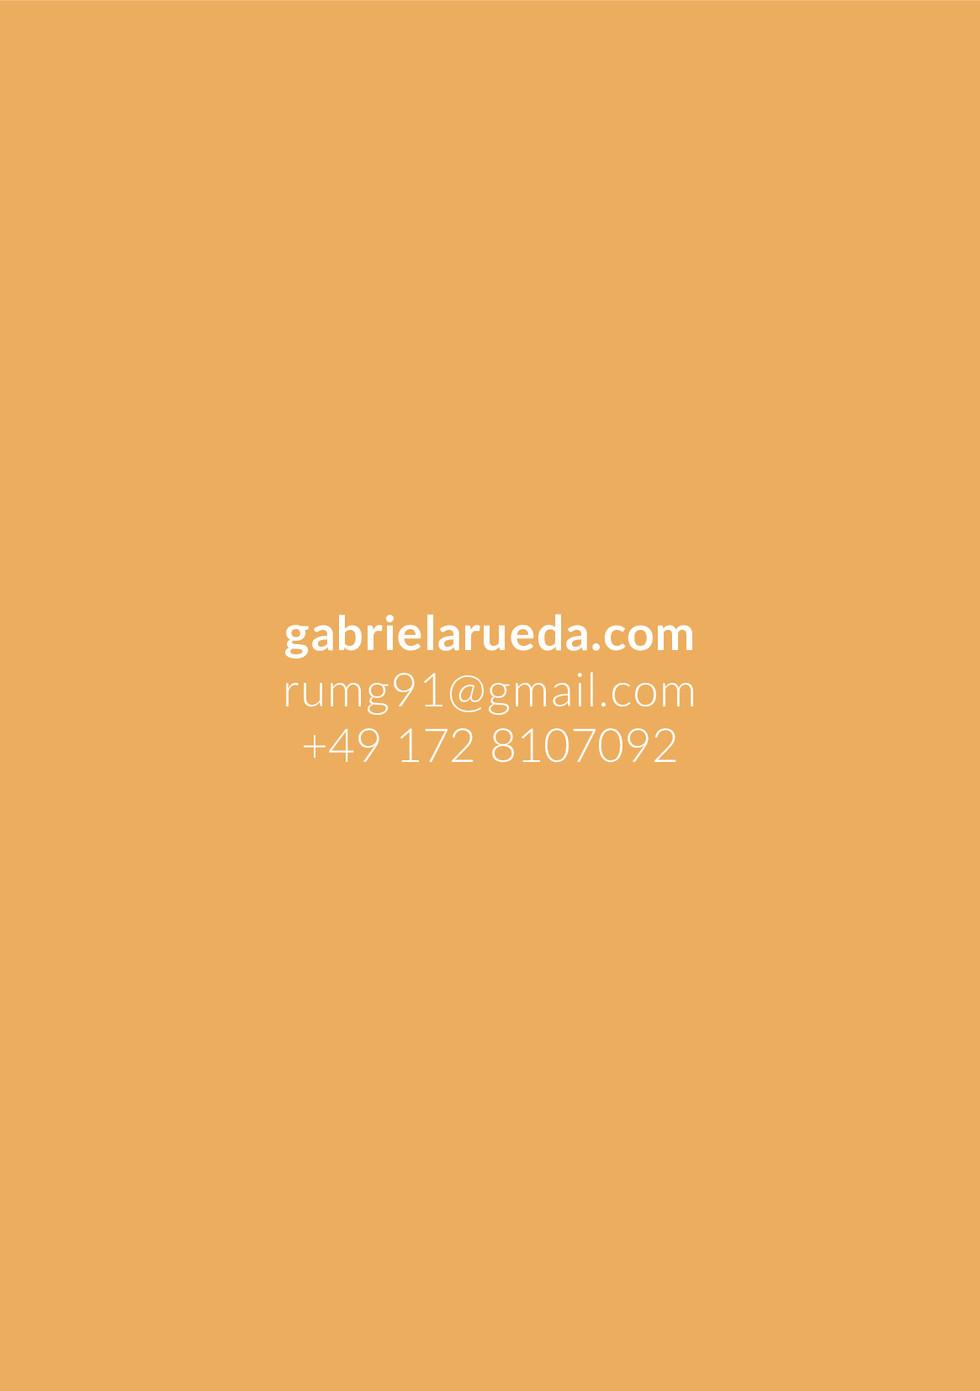 GabrielaRueda_Portfolio_Pages_32.jpg